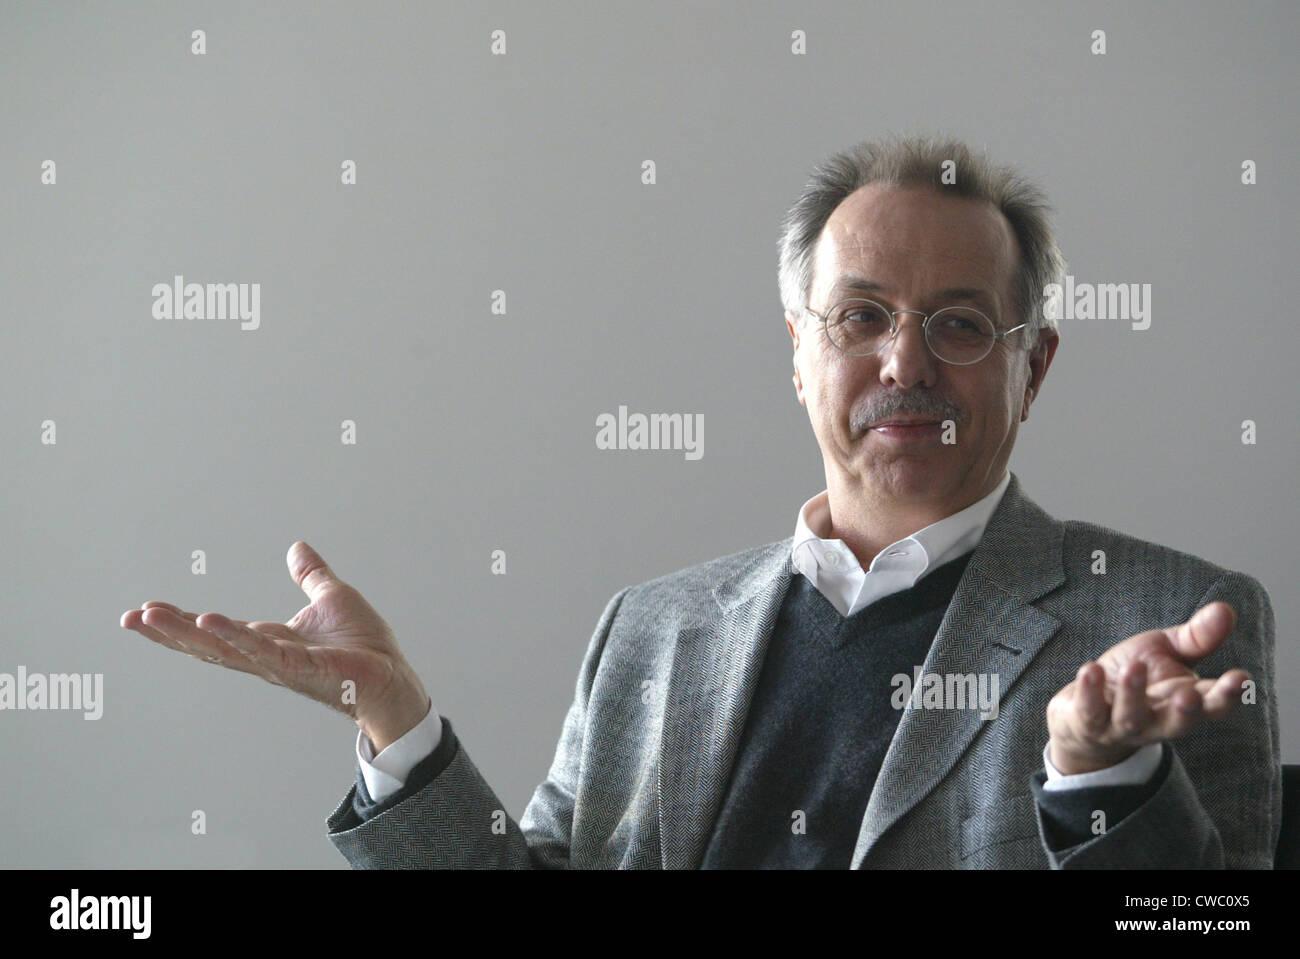 Dieter Kosslick in Conversation - Stock Image